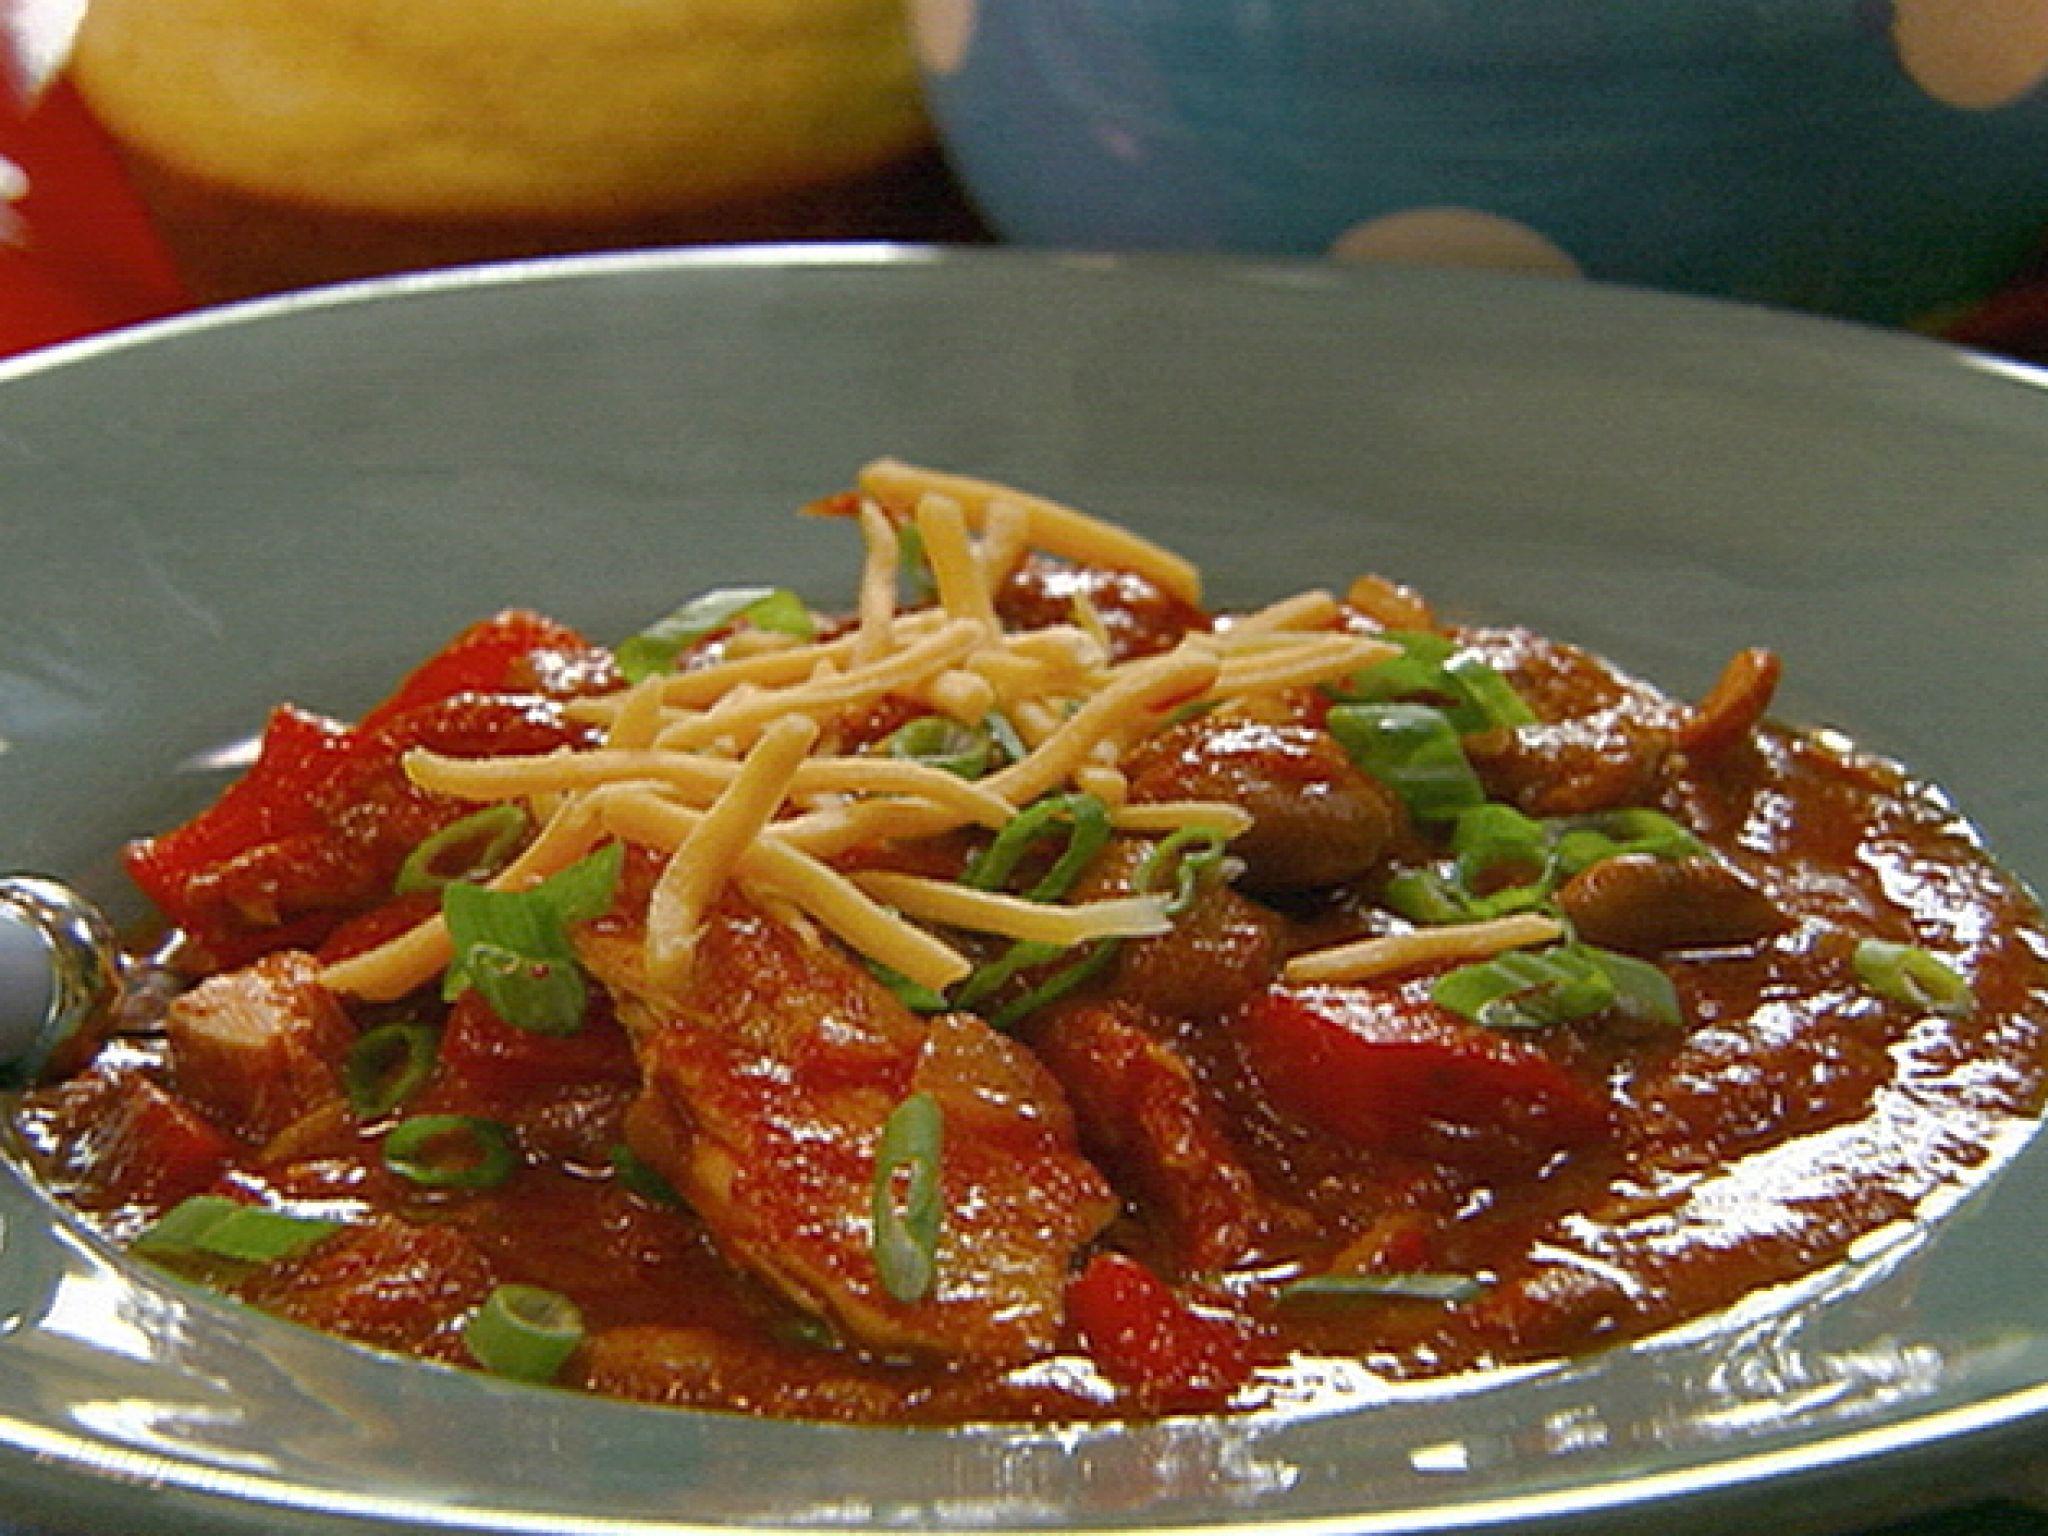 Quick-Fix Chicken Chili Mole recipe from Robin Miller via Food Network